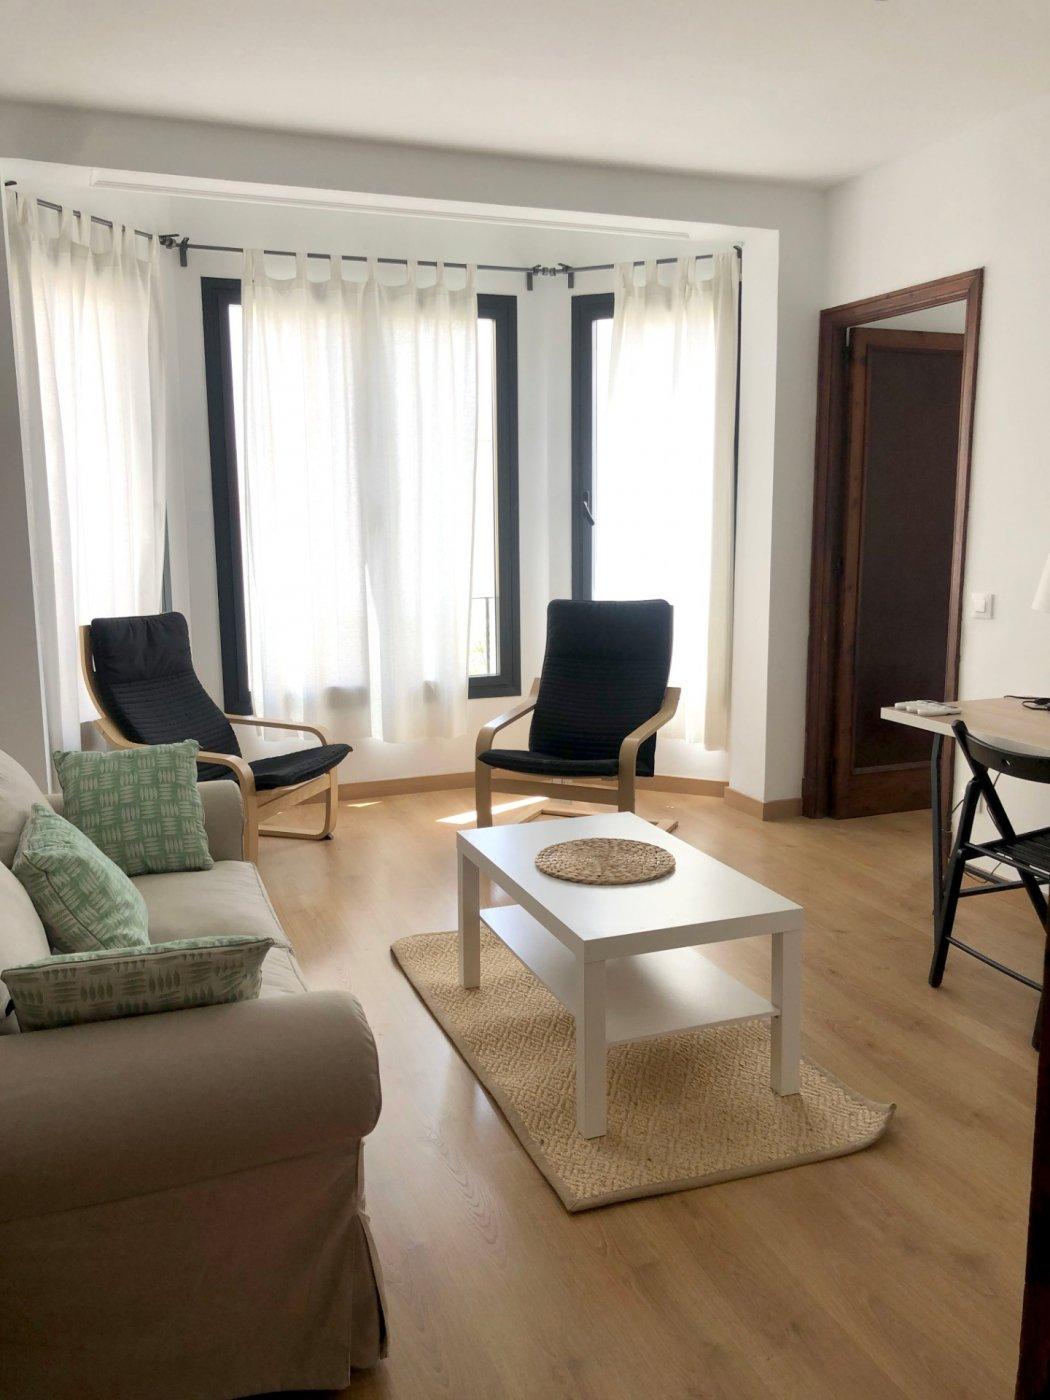 Se alquila precioso piso en el centro de palma - imagenInmueble6